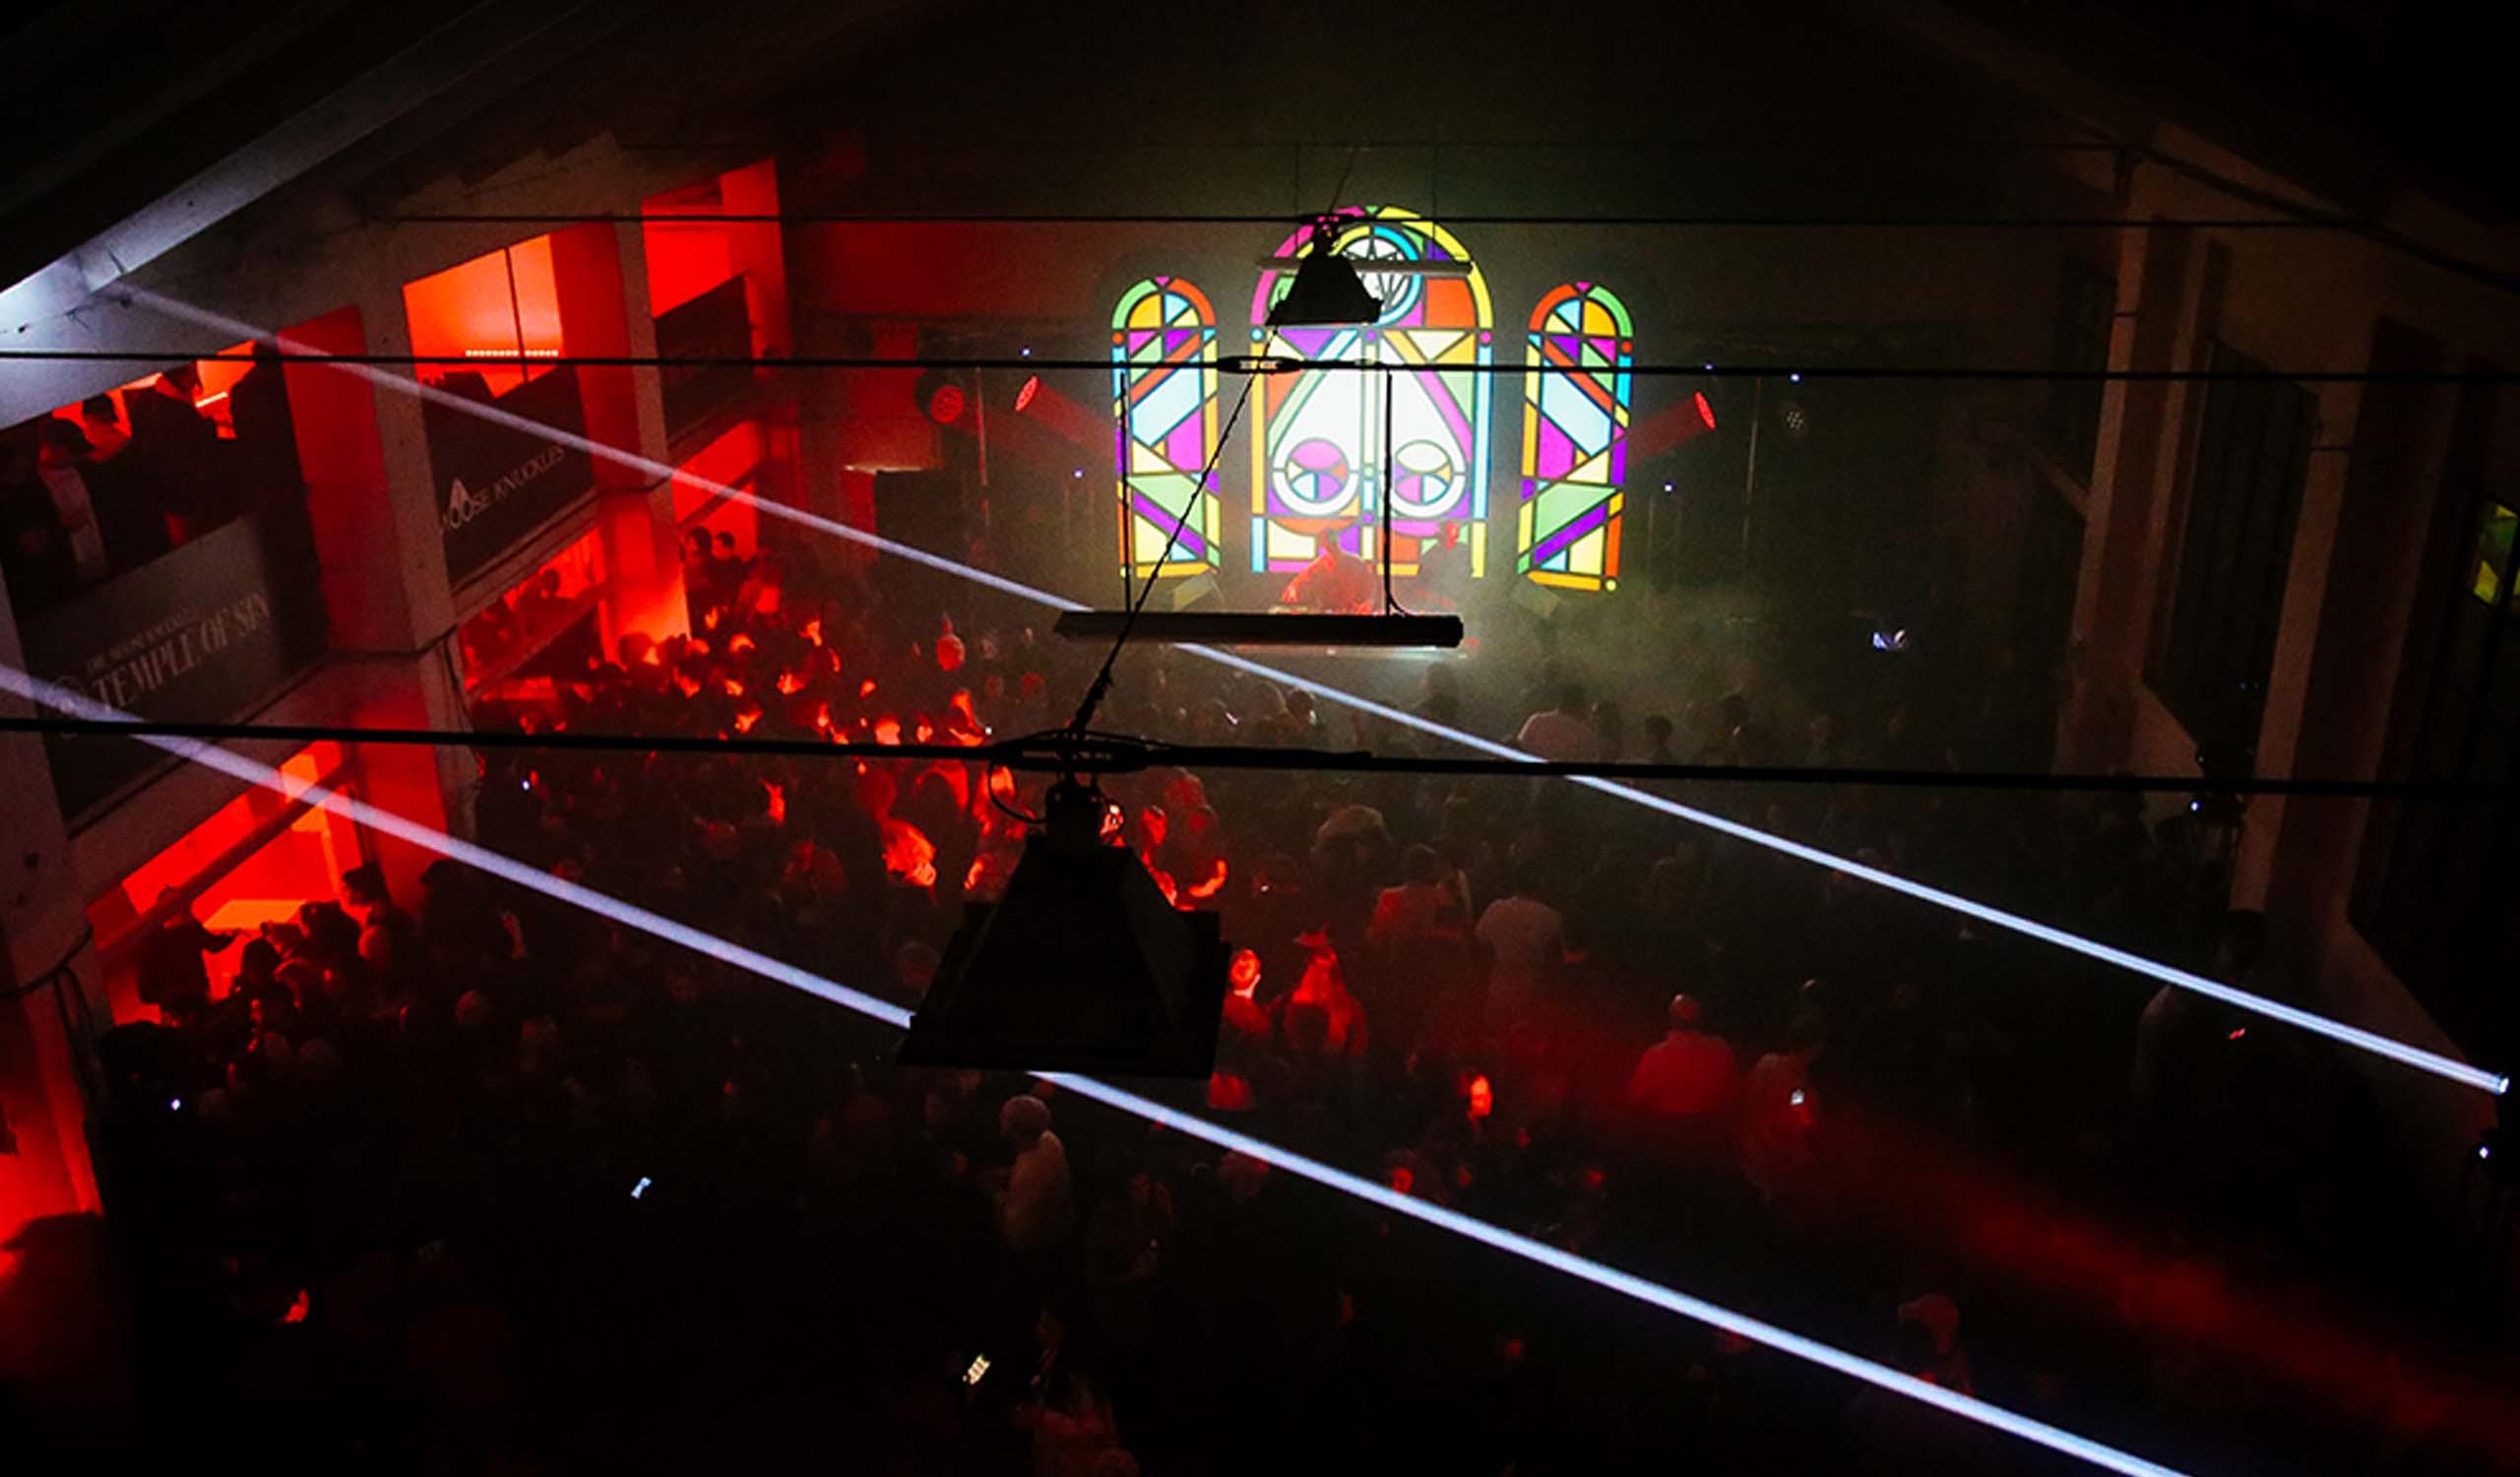 ex saponificio-art events